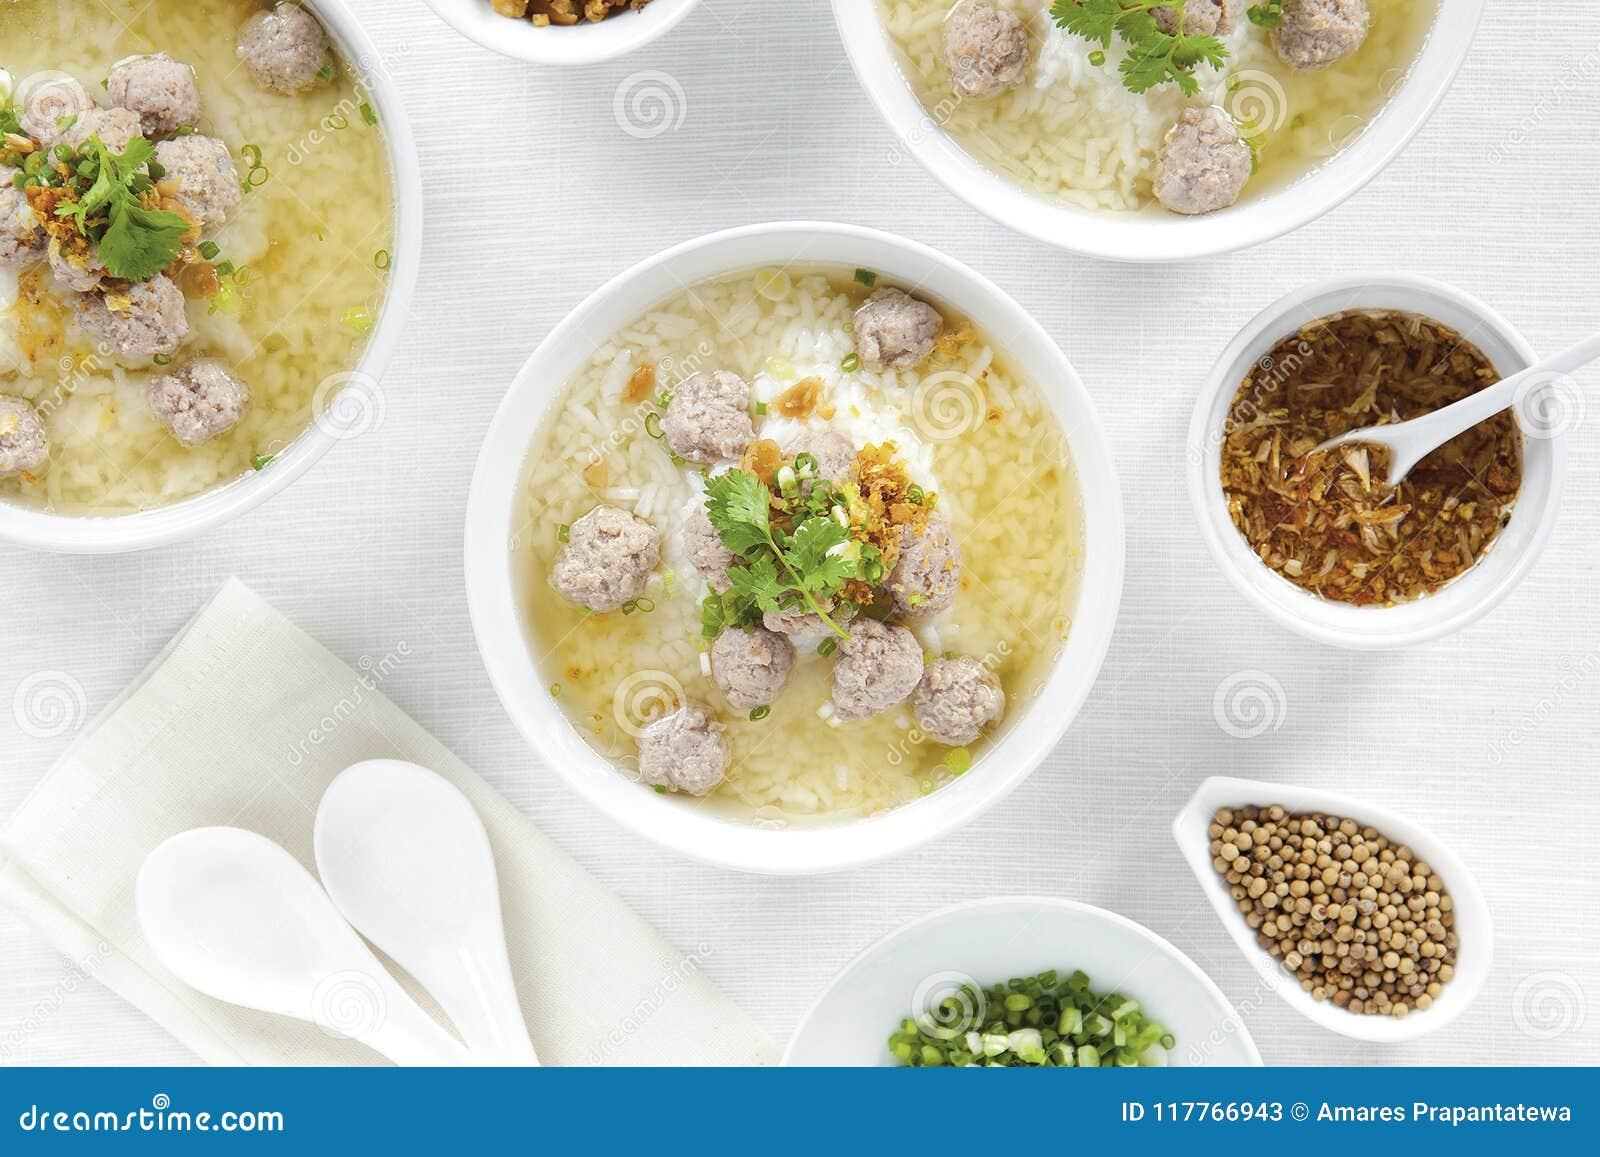 Reisbrei mit Schweinekoteletts und Gewürz in den weißen Schüsseln auf weißer Tabelle der Draufsicht, chinesisches Lebensmittel